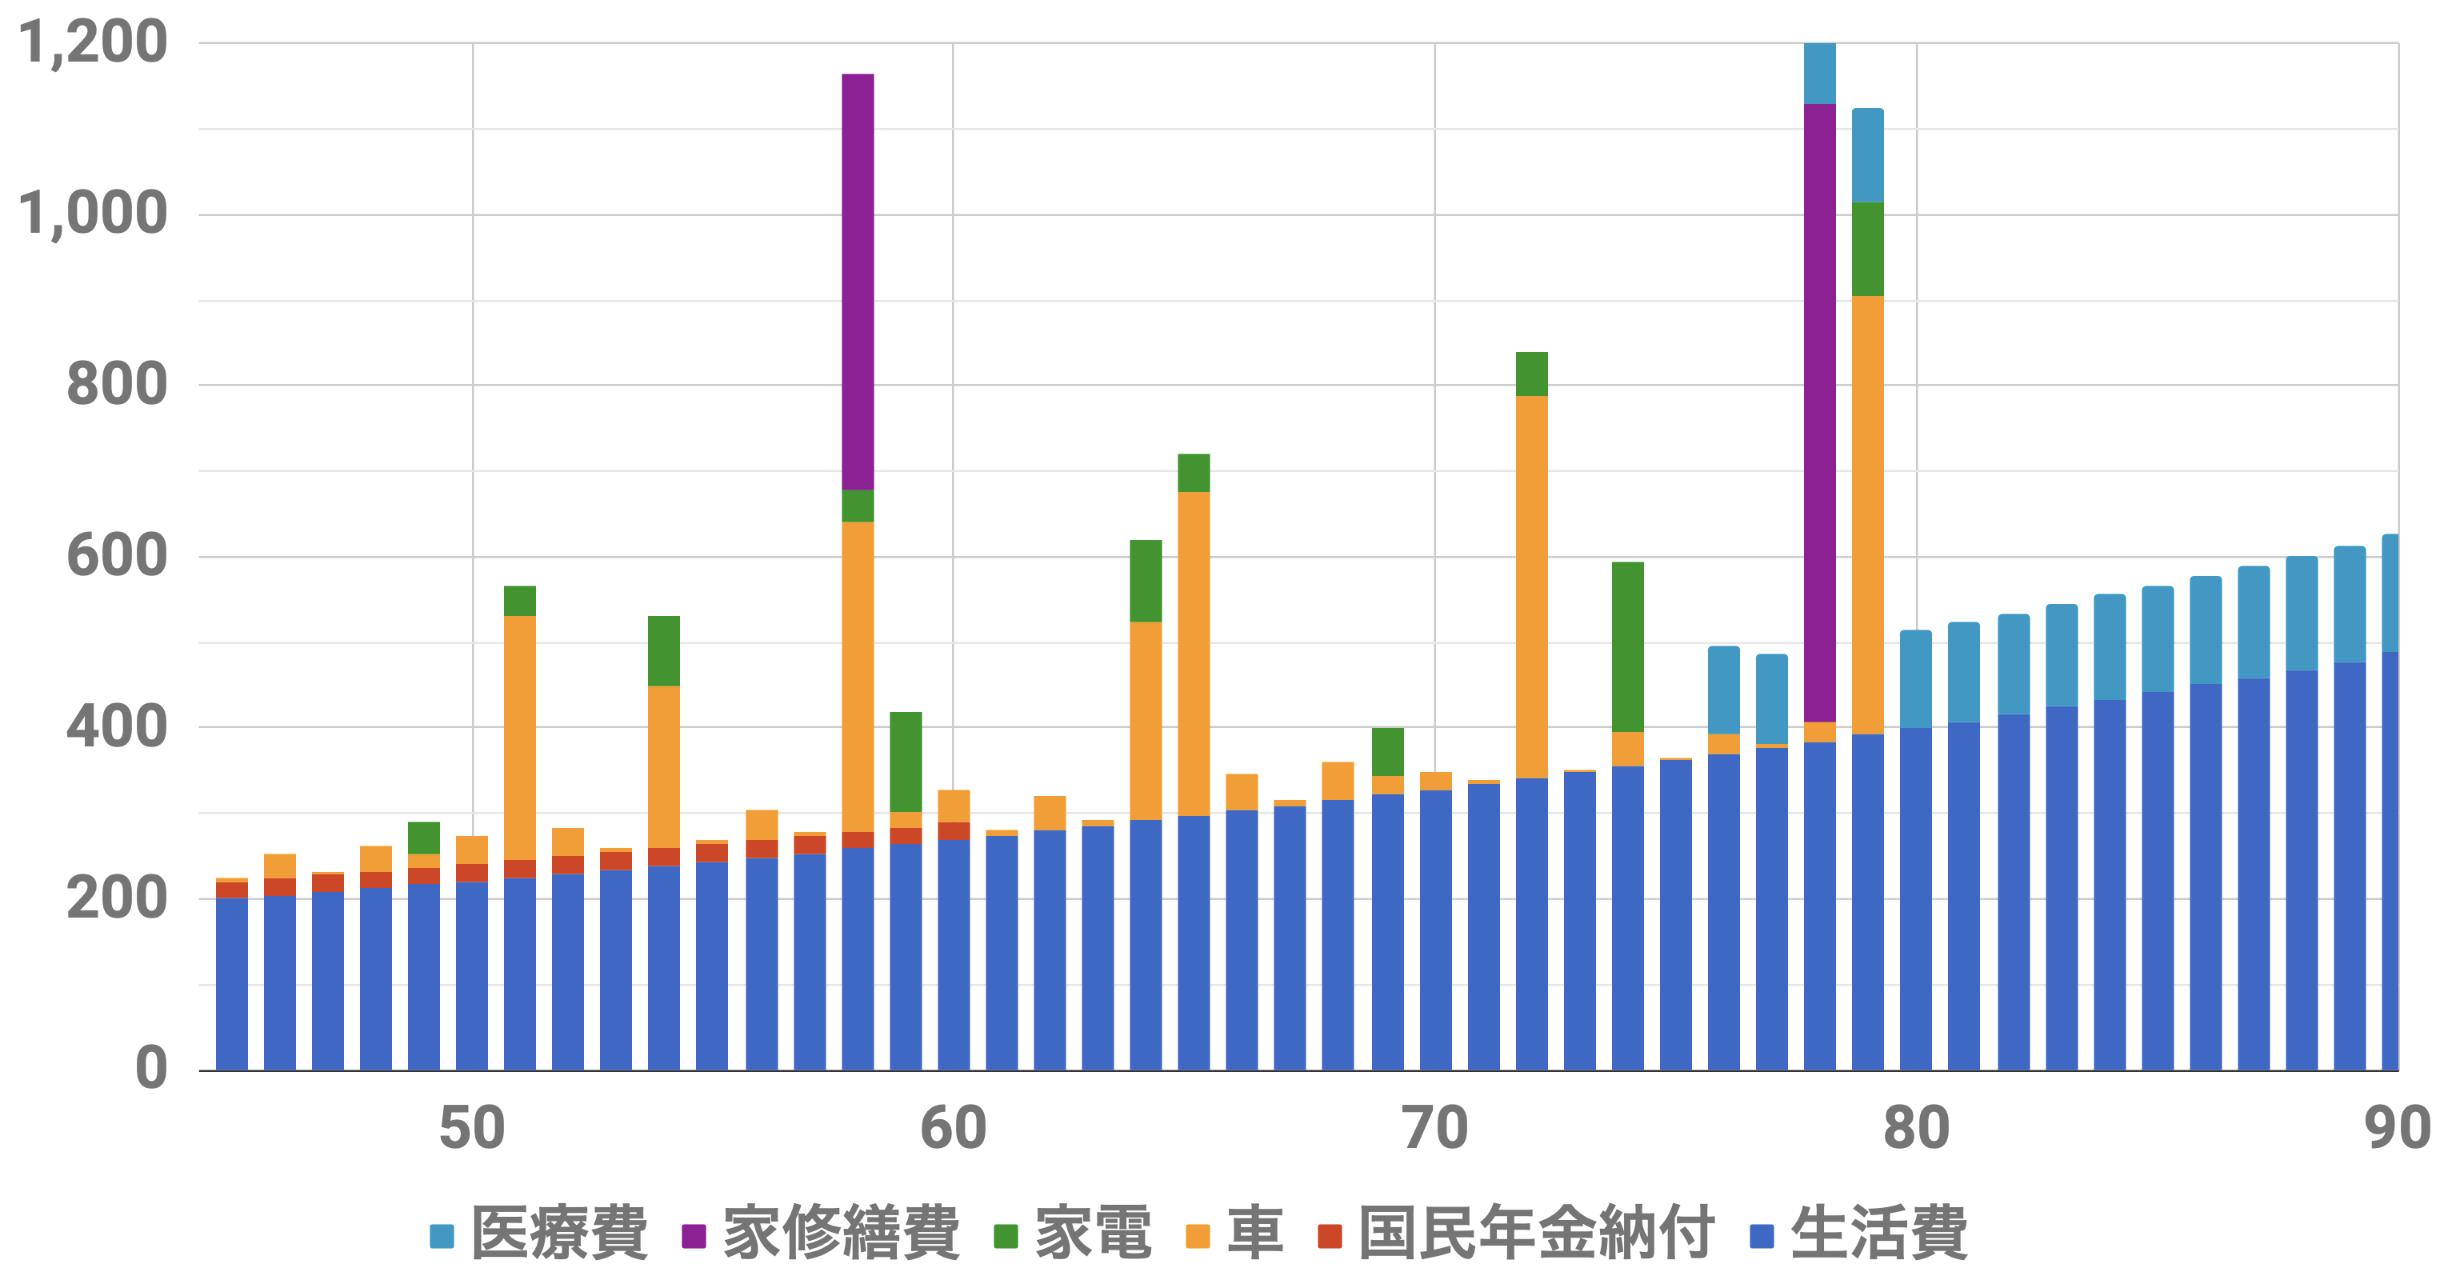 45歳1億円支出シミュレーション(Level4)インフレ率2%